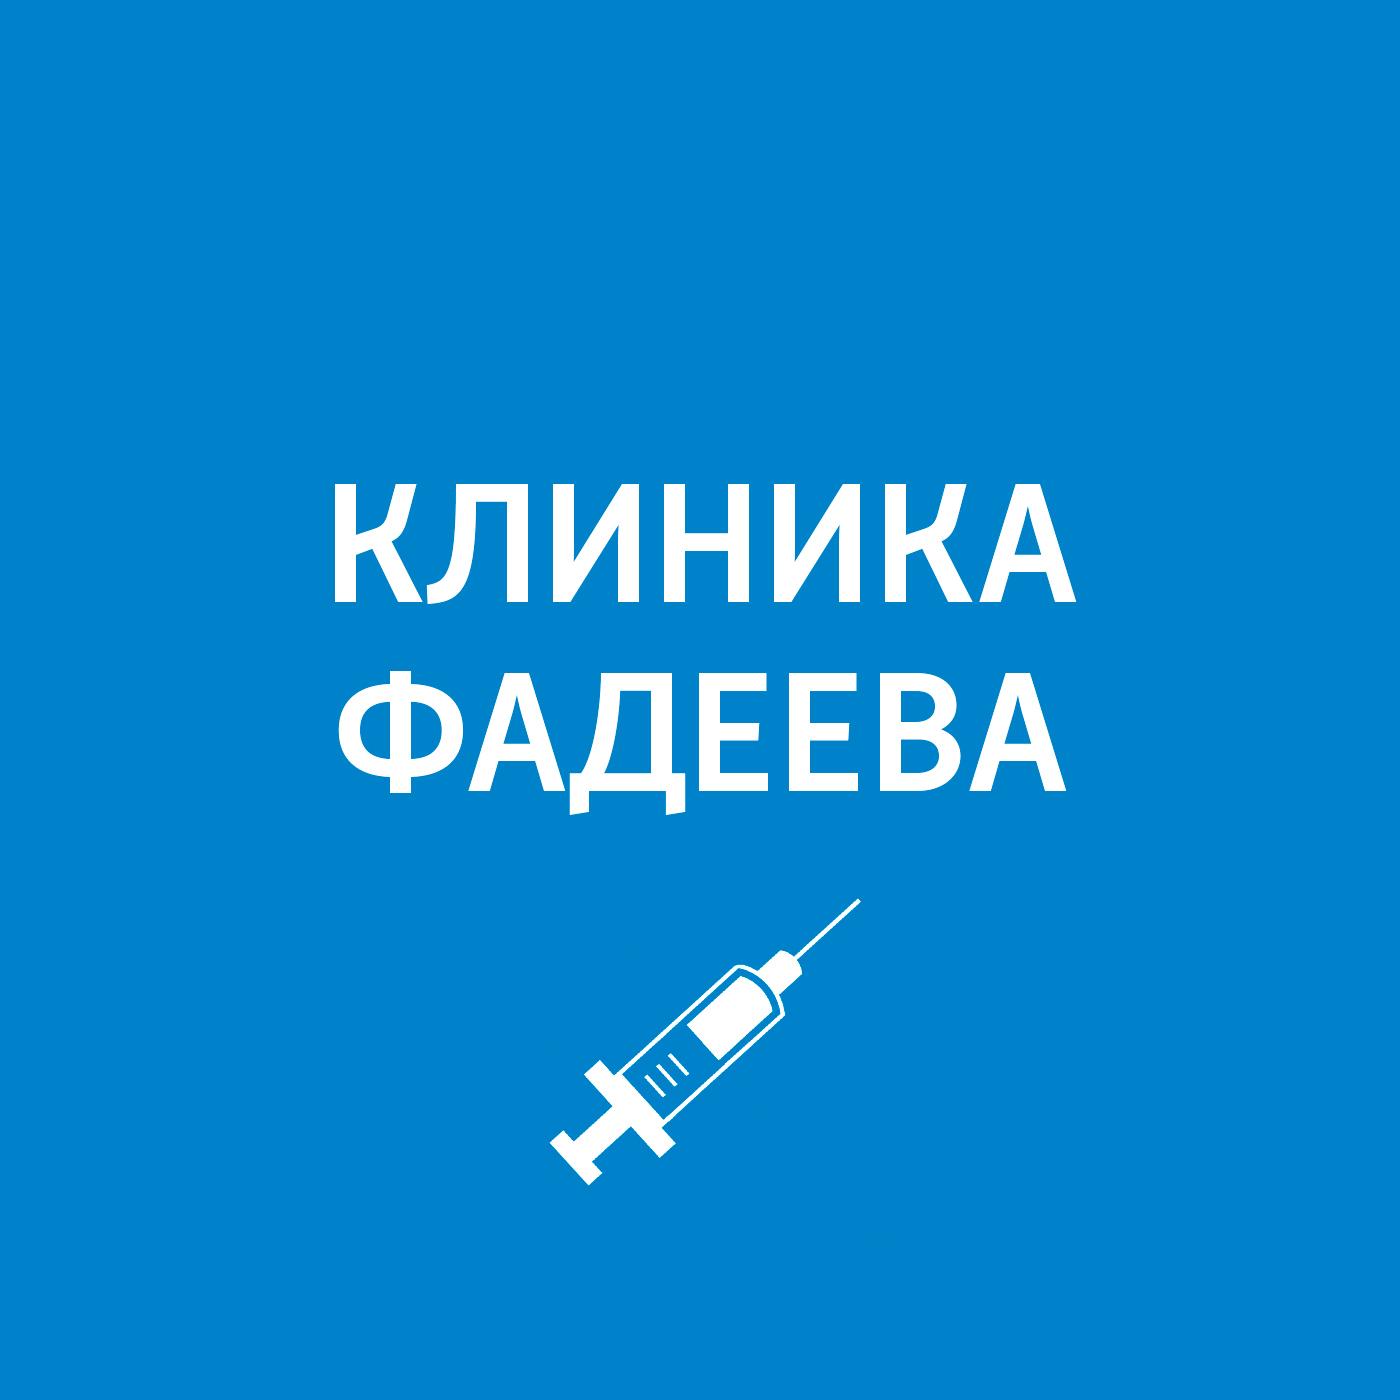 Пётр Фадеев Врач-невролог маловичко а очищение и лечение нервной системы депрессия болезни головного мозга